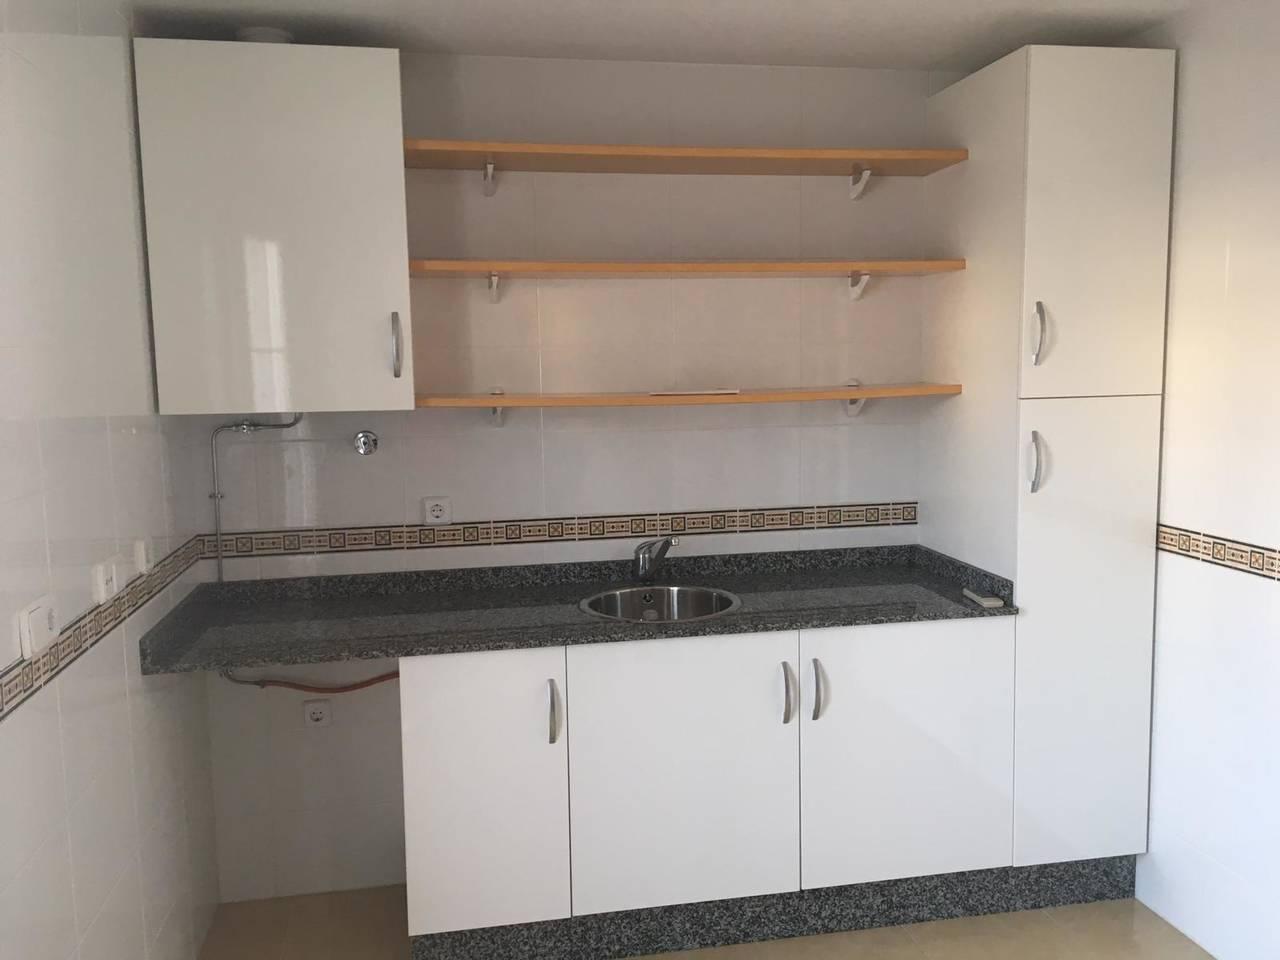 Muebles cocina y lavavajillas  - Foto 1